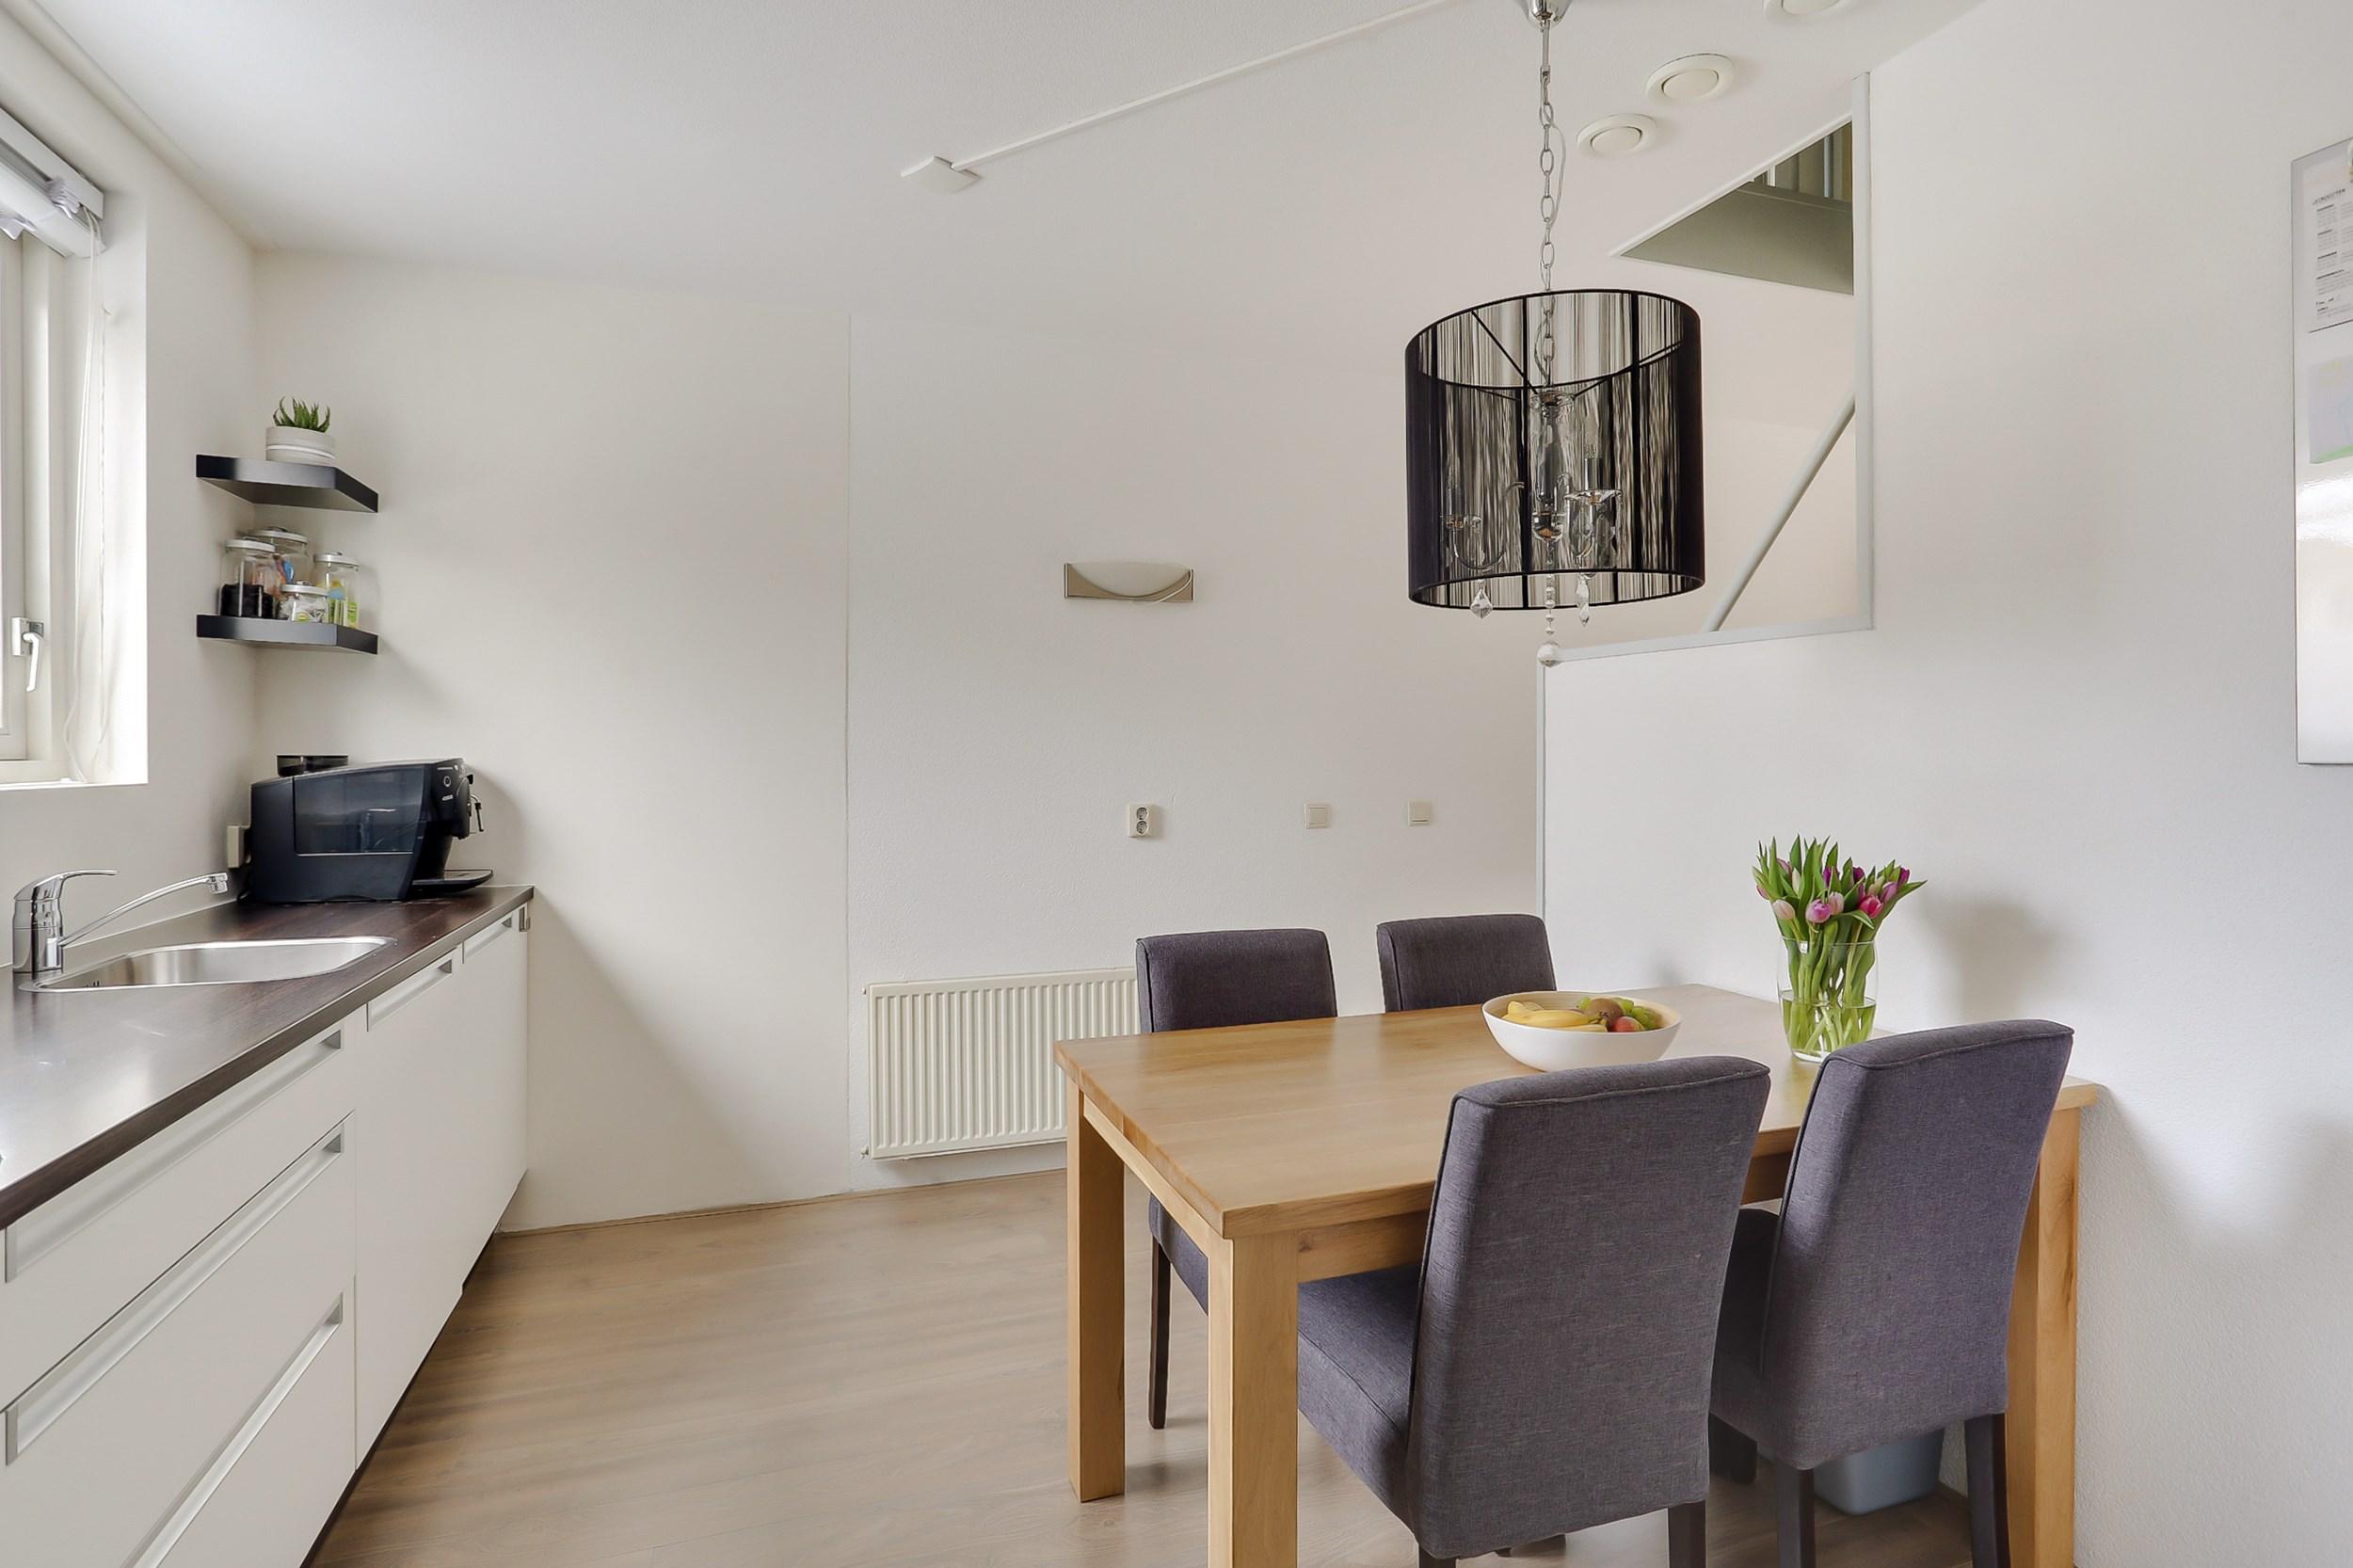 Huis verkopen Groningen